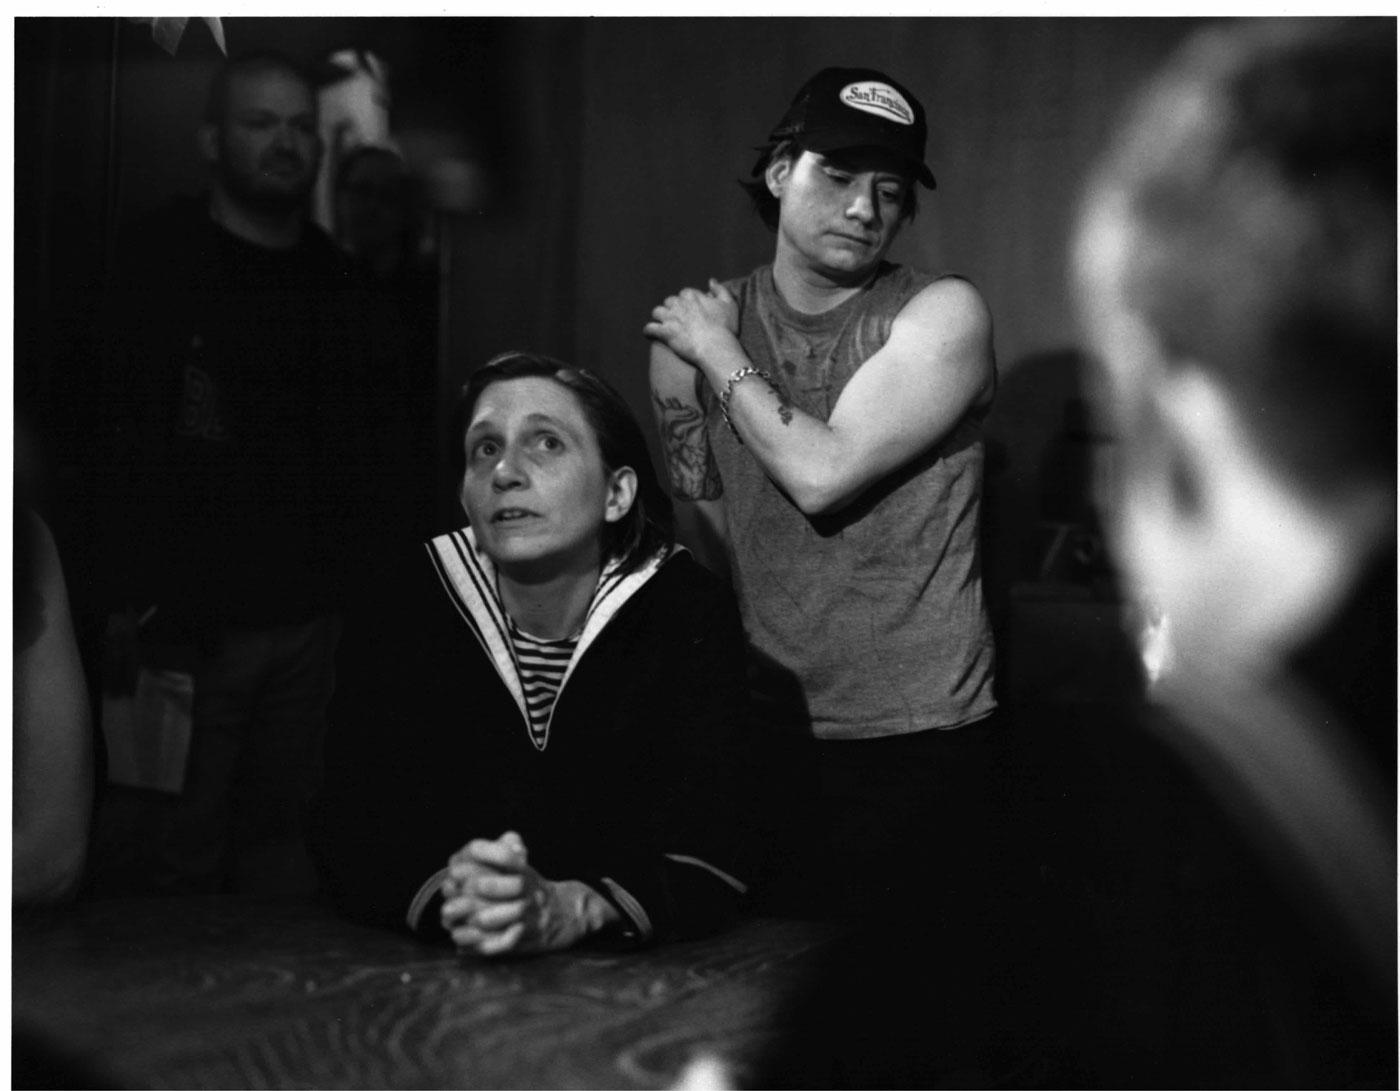 La rebelión de Kronstadt como una película trans y queer contemporánea